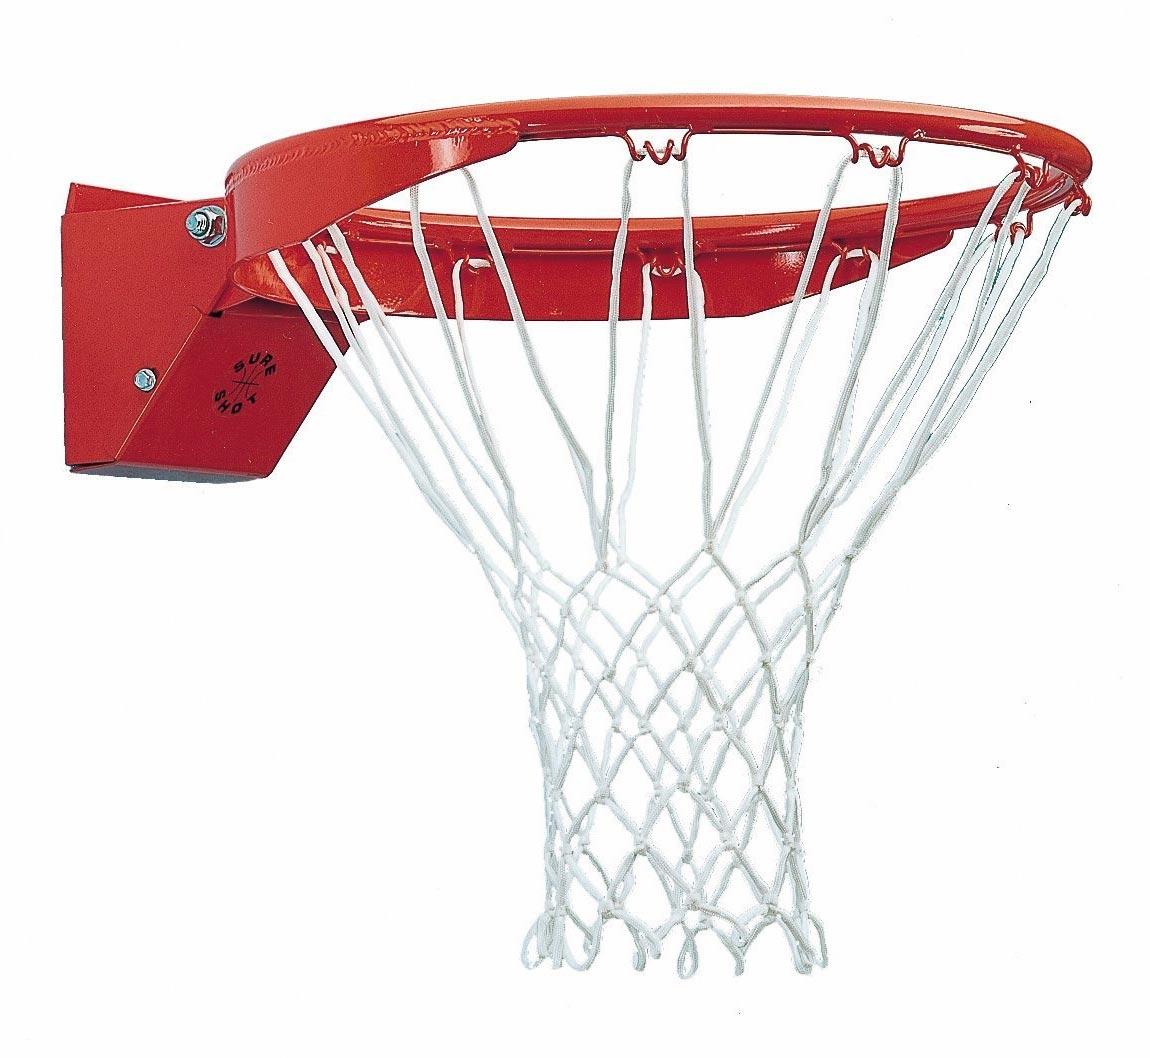 Nba Basketball Hoop PNG - 74931